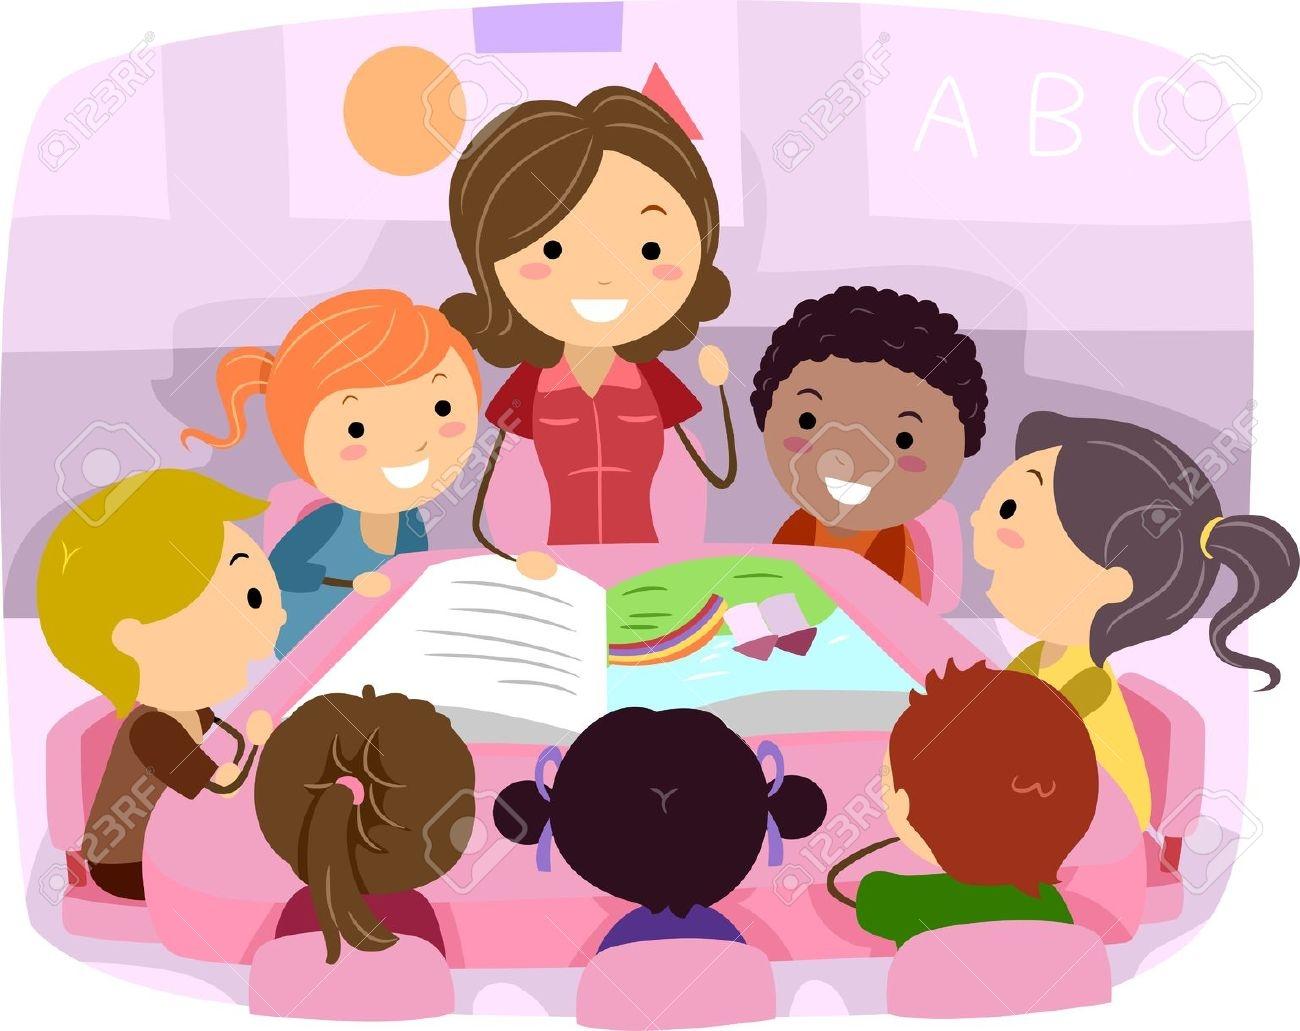 teacher talking to children clipart - Clipground